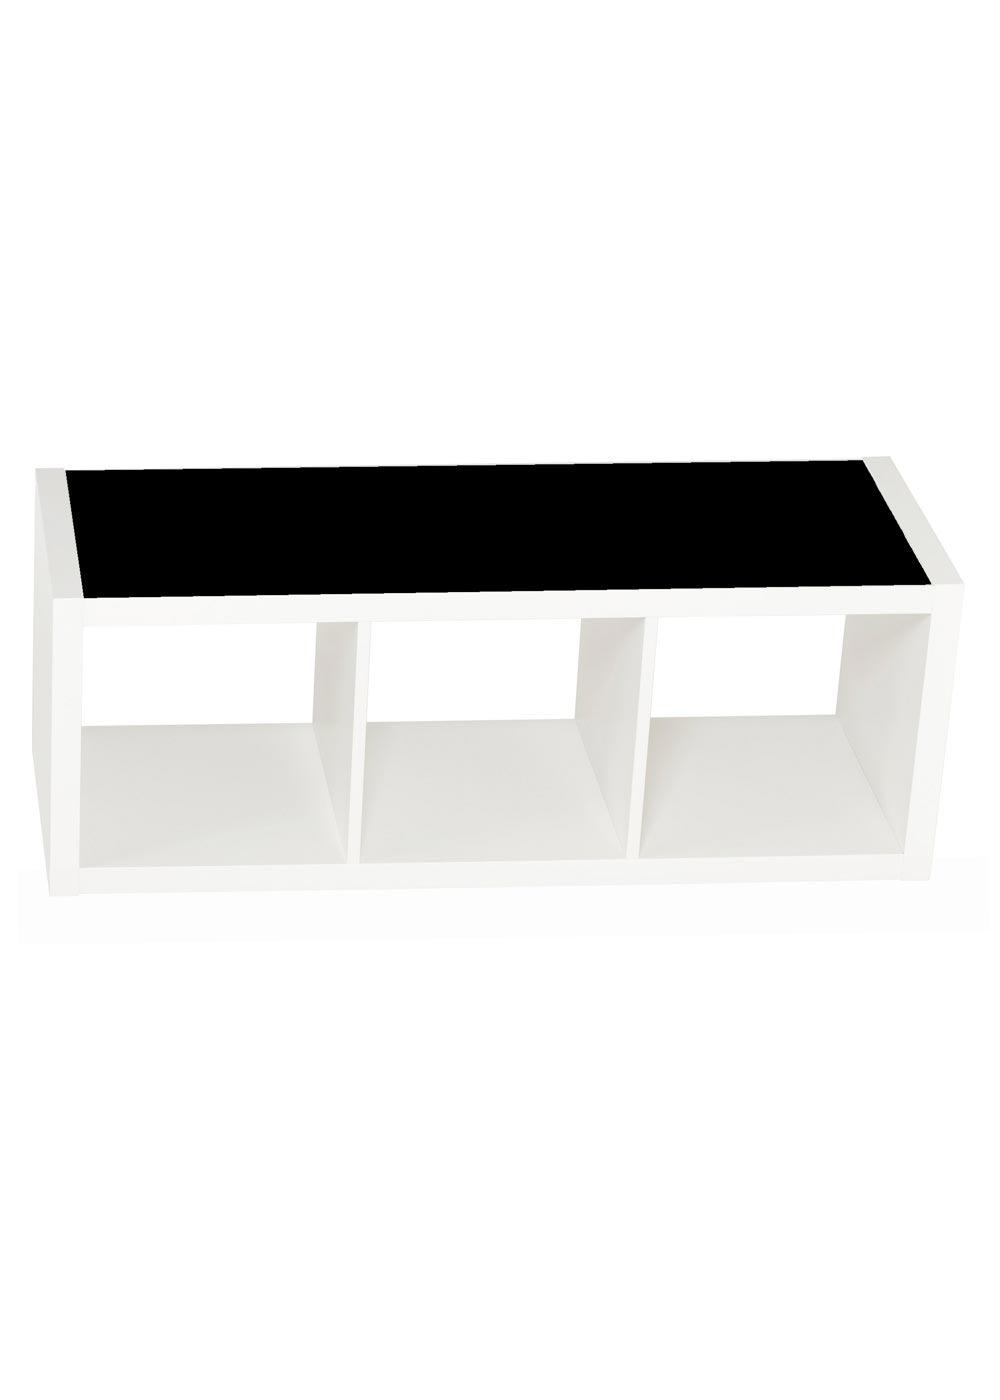 Ikea Kallax Regal 3fach Ideenreich Tafelfolie Gesamtansicht